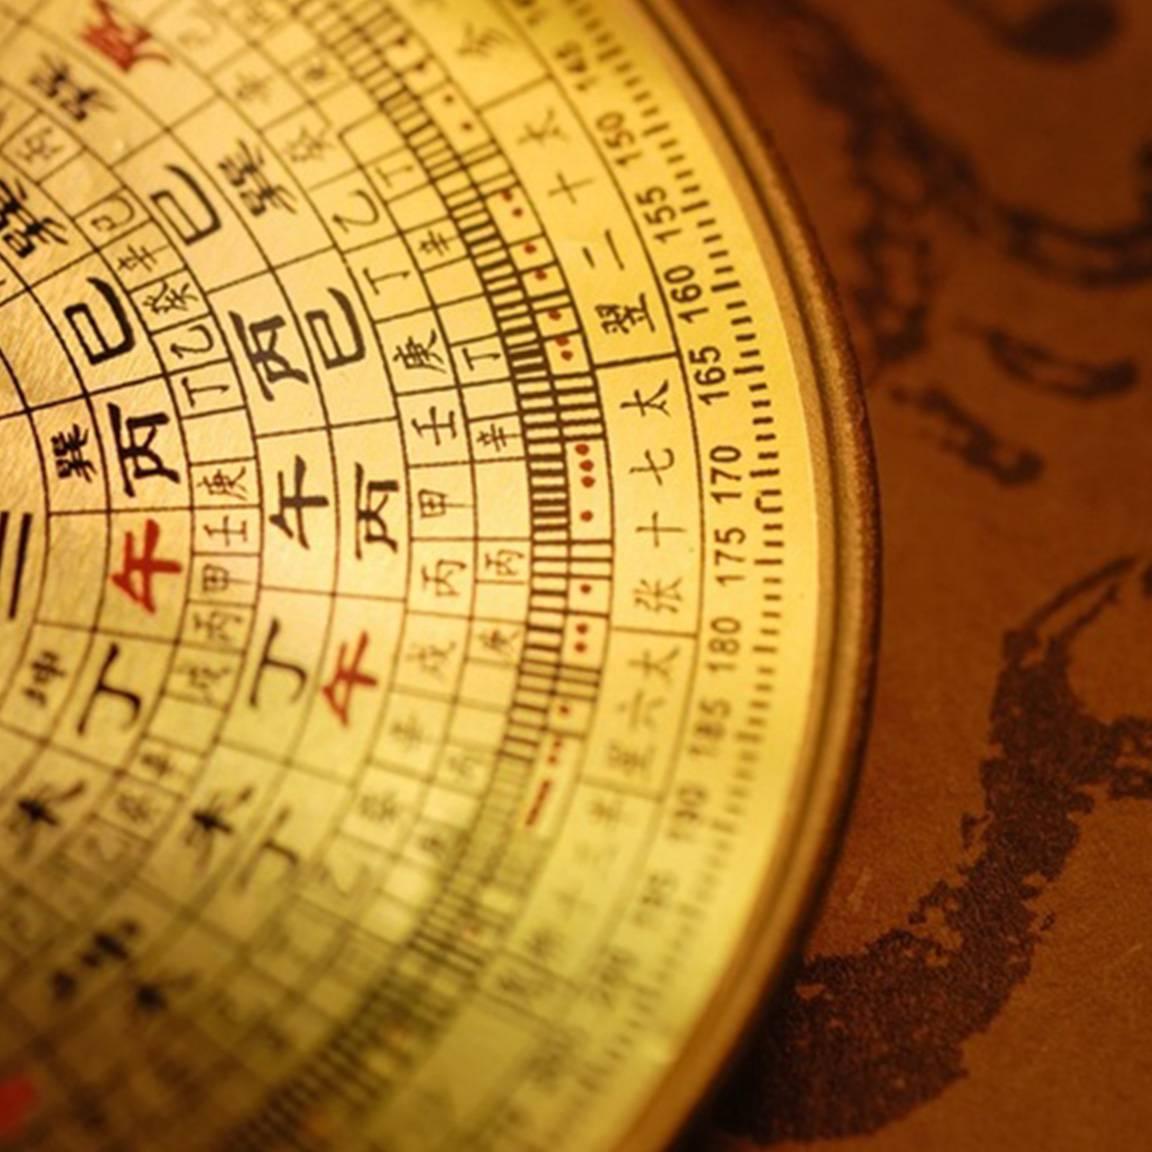 Магия и значение чисел «сюцай». сюцай —, что это? нумерология или древняя числовая наука помогающая реализоваться в жизни? | психология отношений